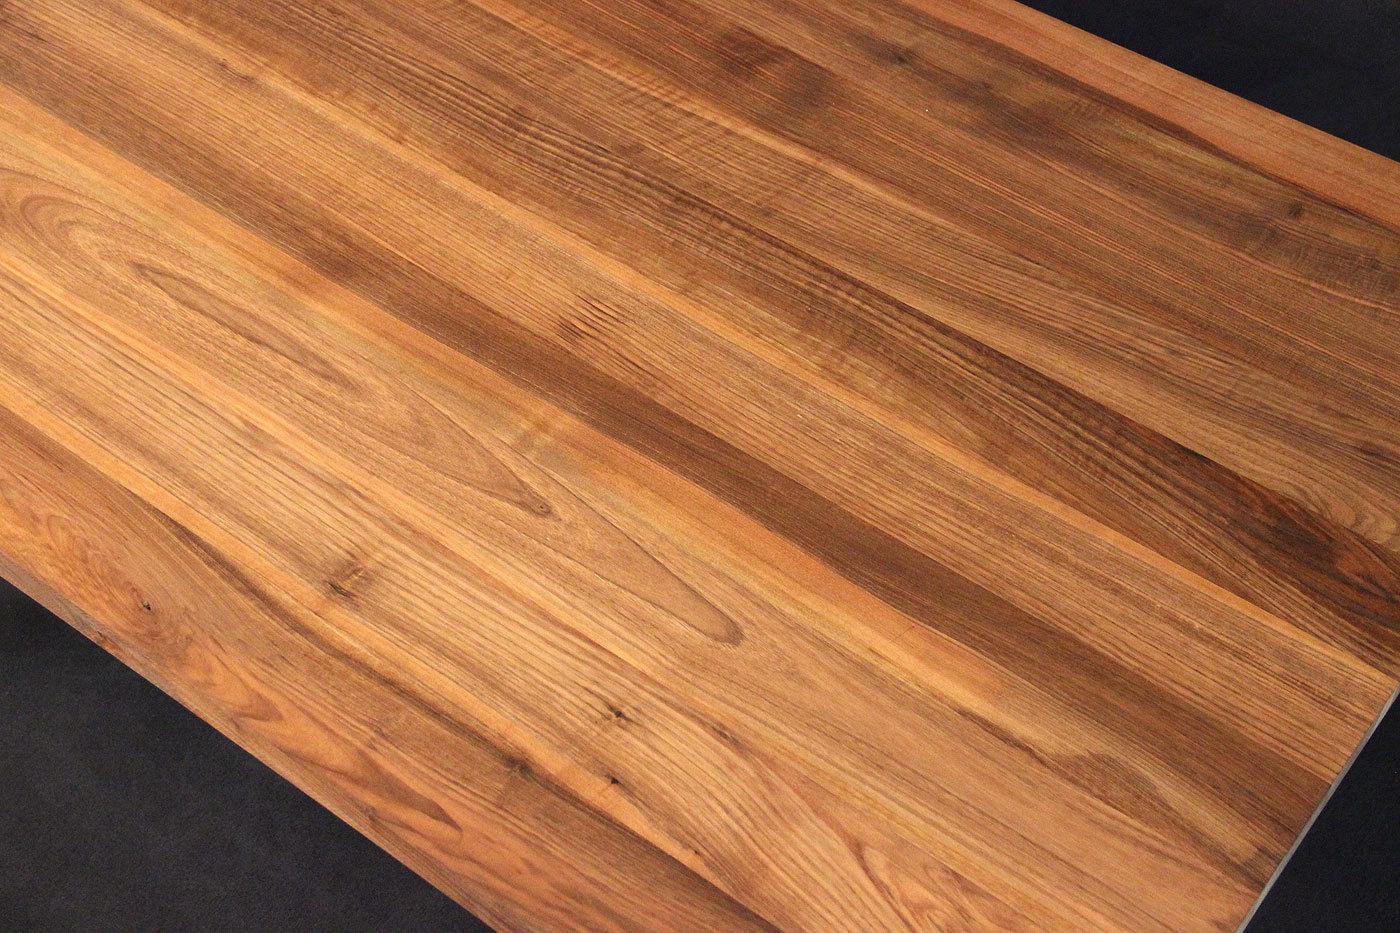 Tischplatte Massivholz Nussbaum ~ Tischplatte Massivholz Kaukasischer Nussbaum AB mit Splint DL 301600